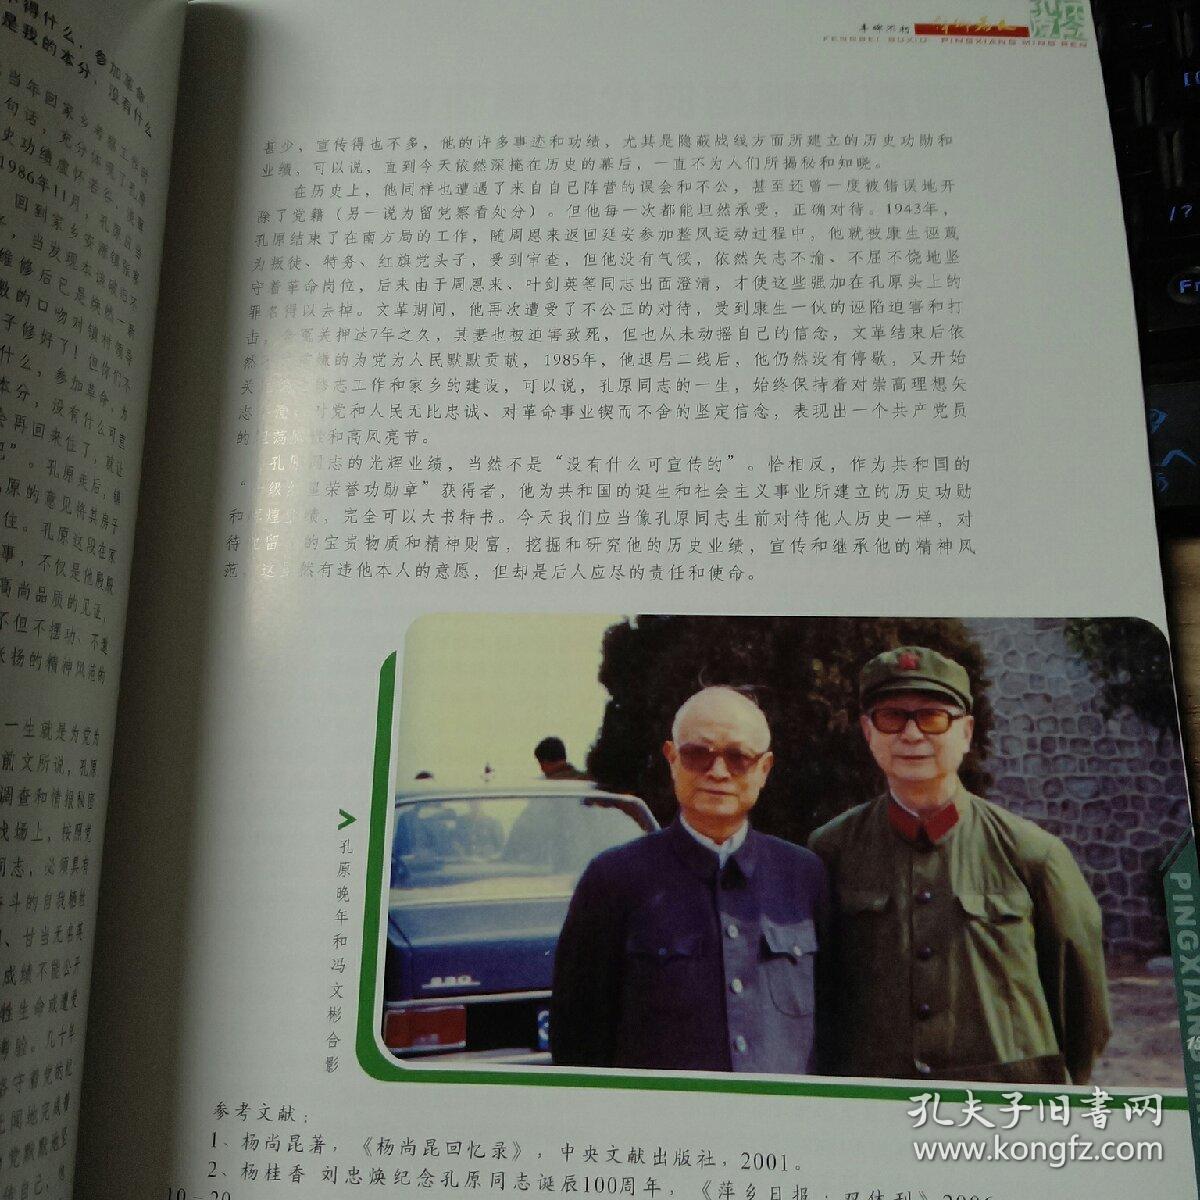 萍乡名人>>孔原同志逝世二十周年纪念专刊